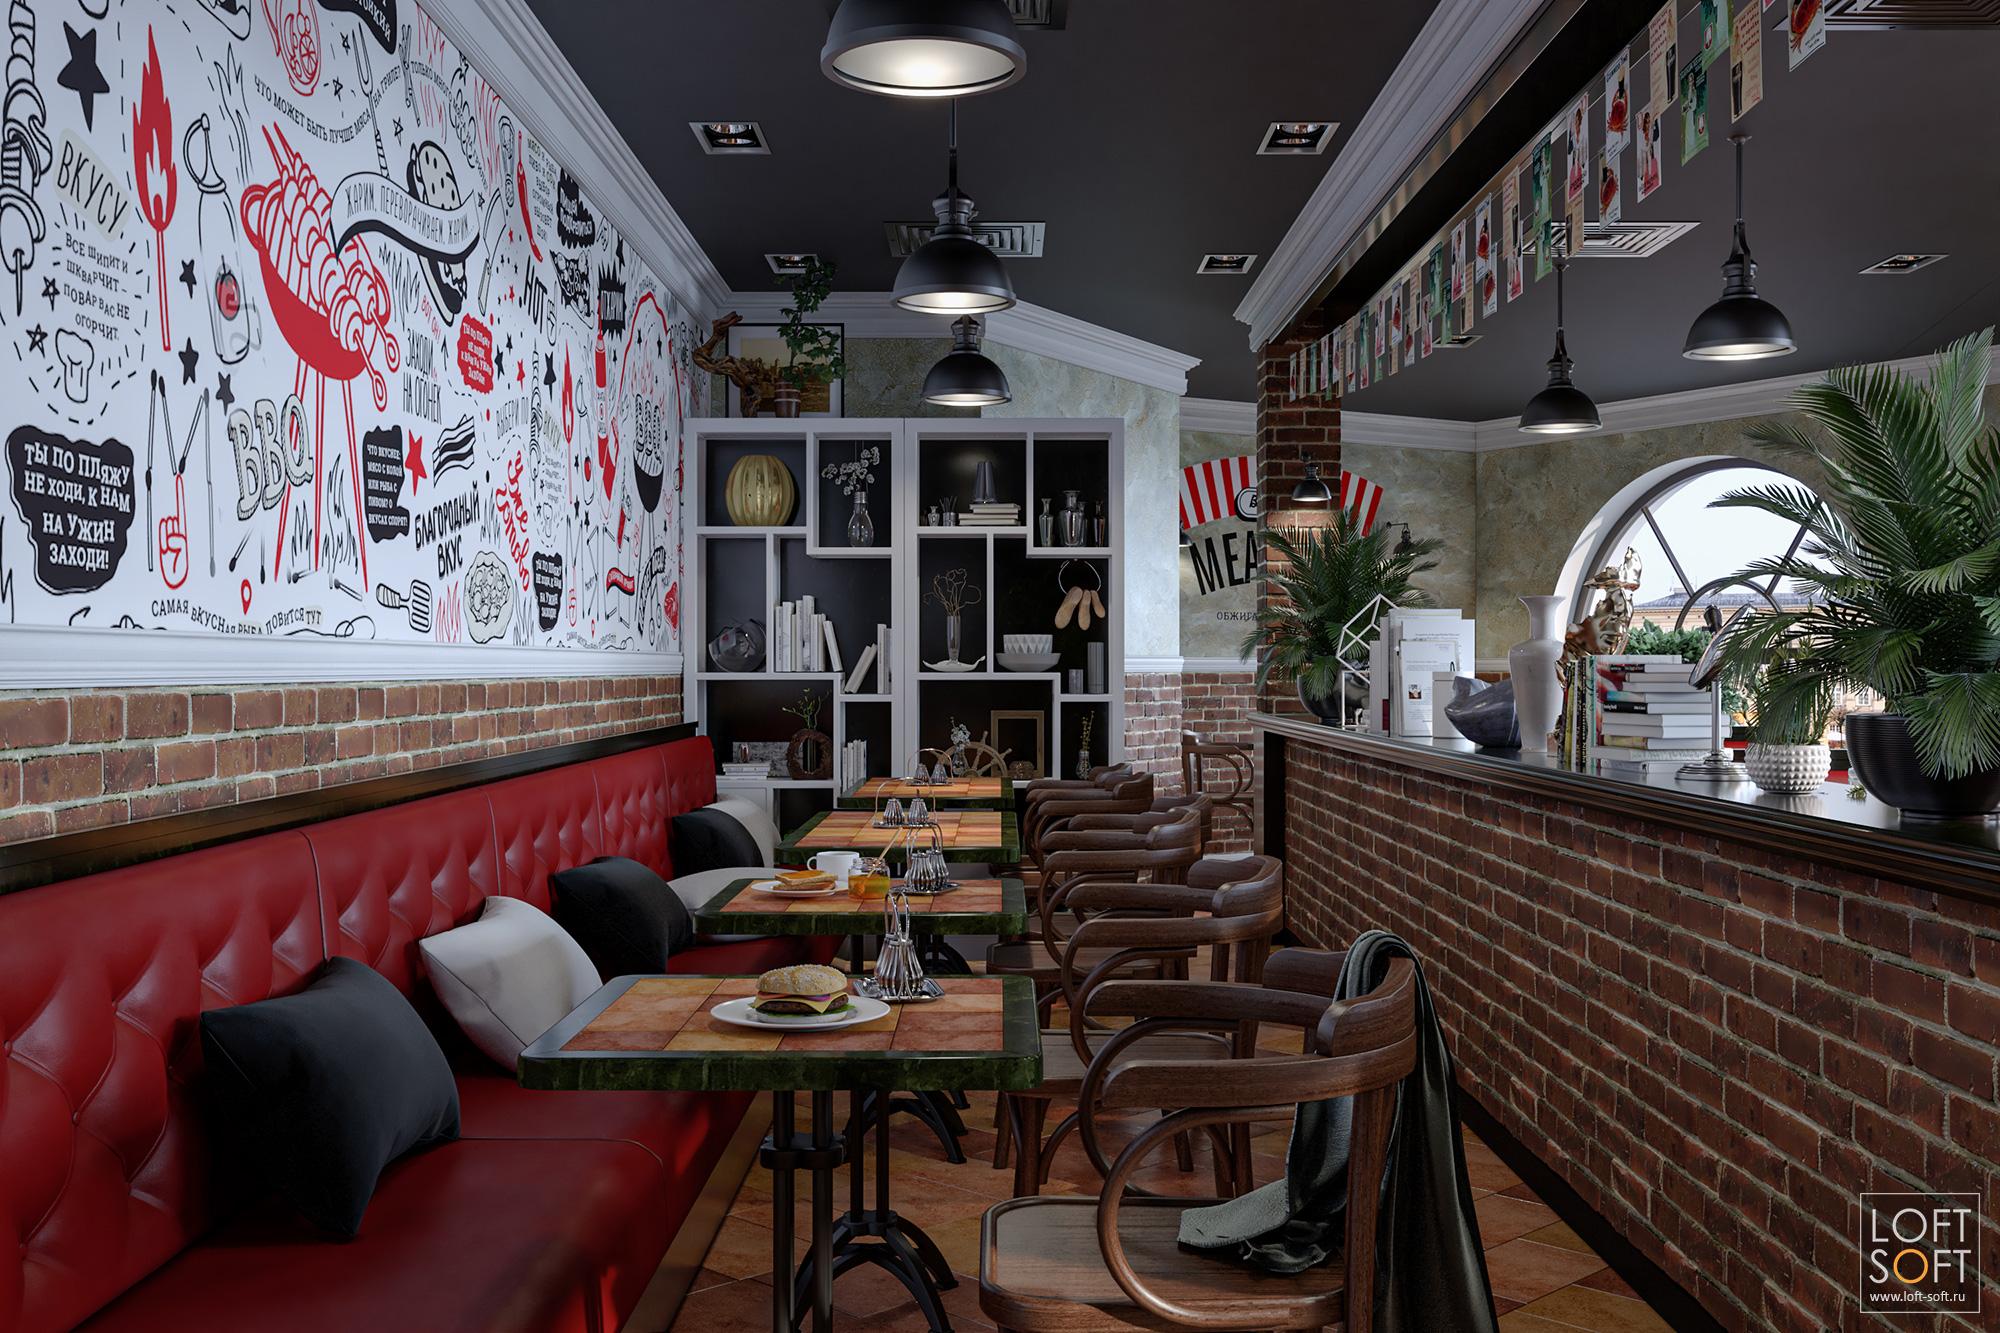 Дизайн интерьера кафе. Стена снадписями винтерьере кафе.